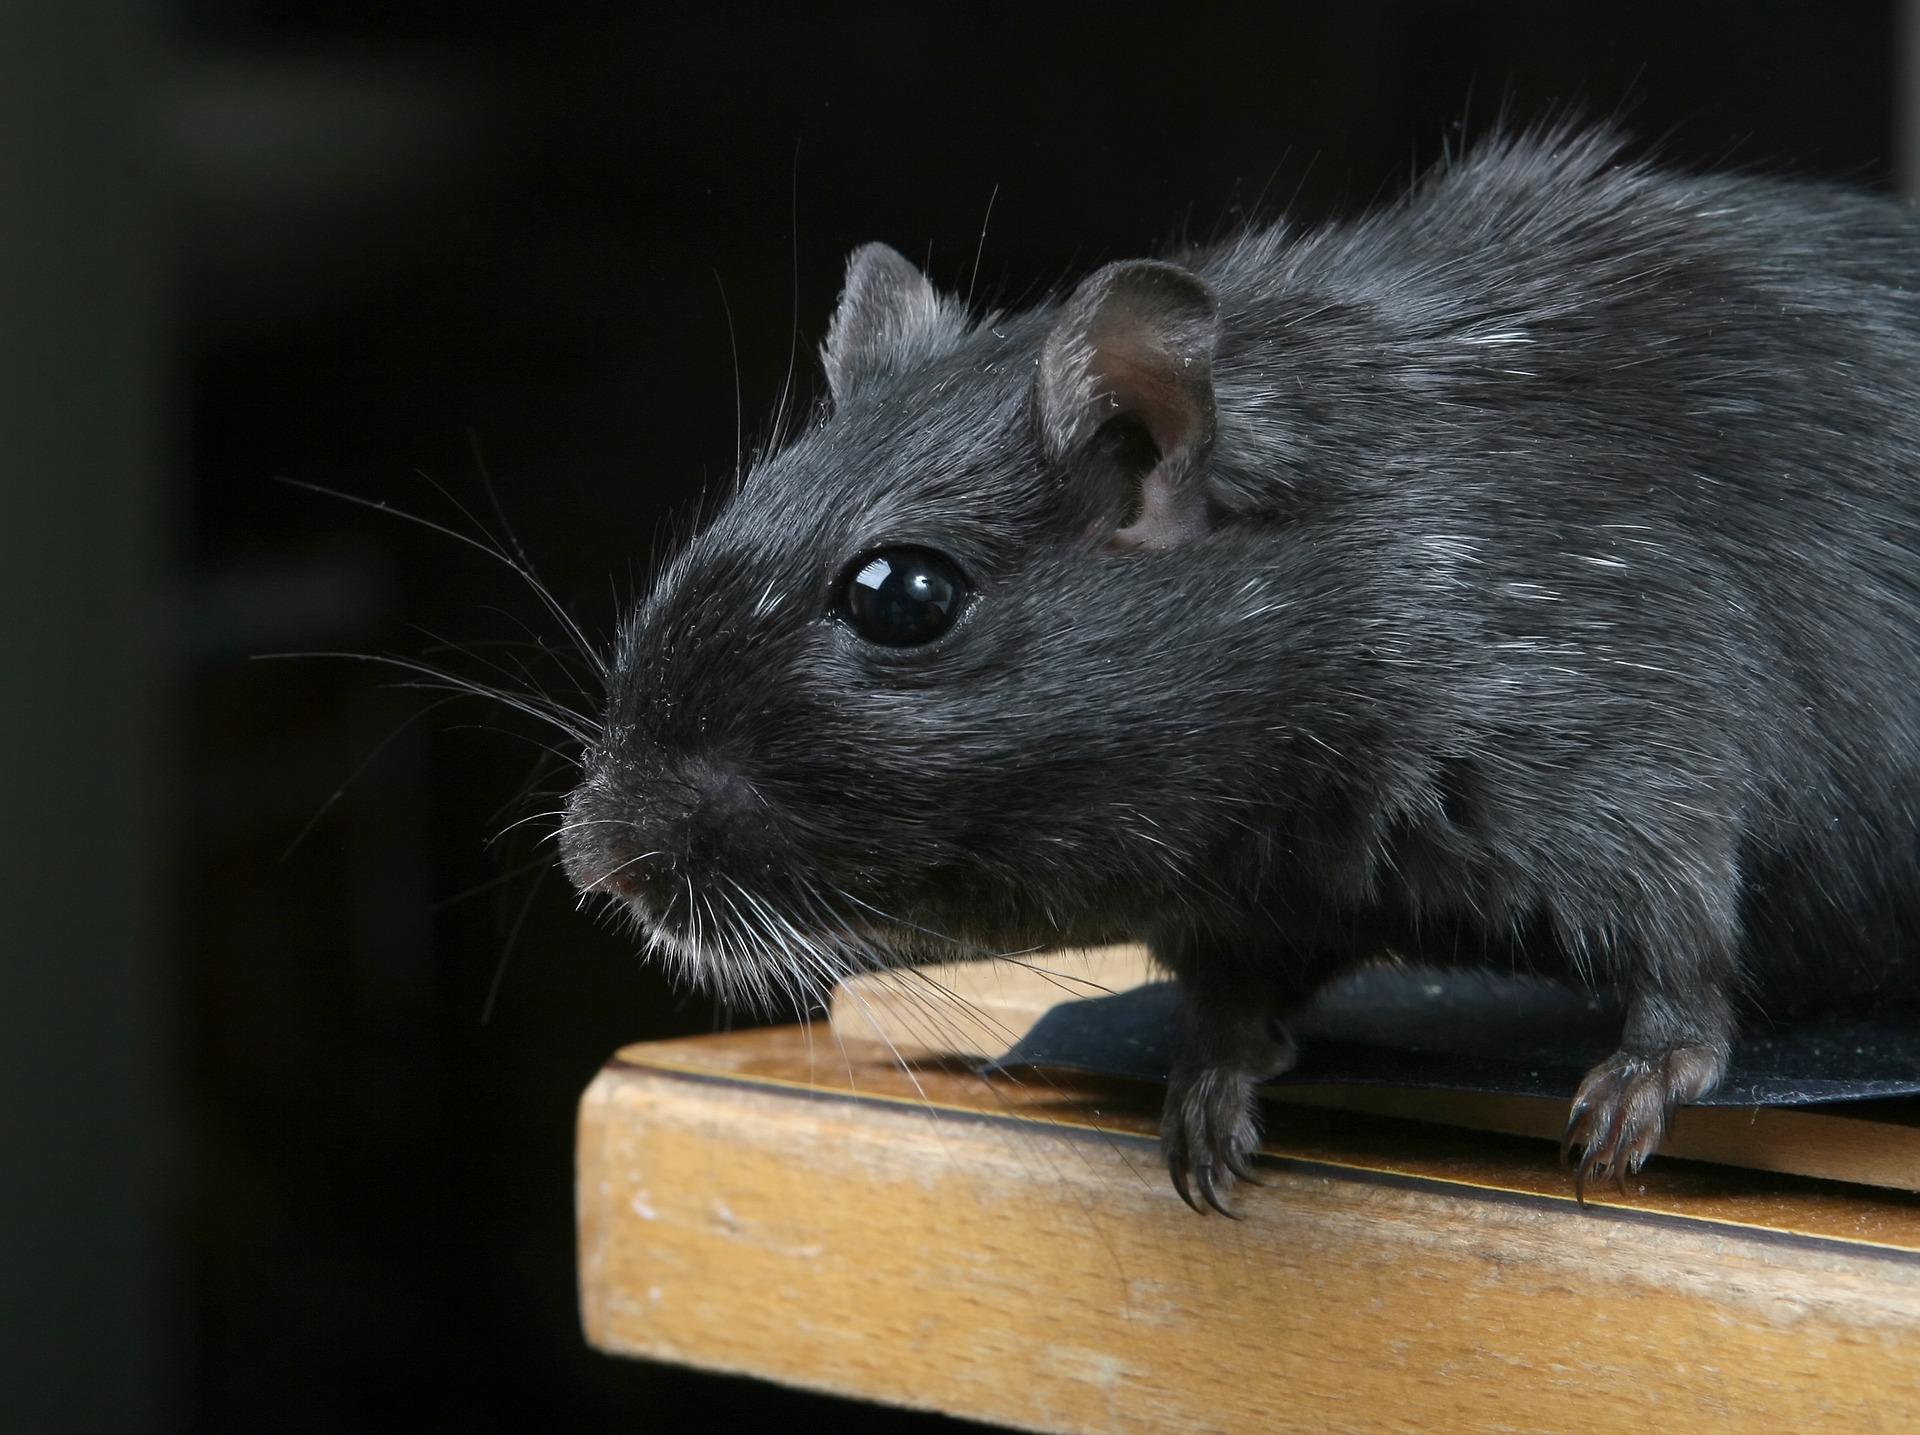 Czarny szczur patrzy się